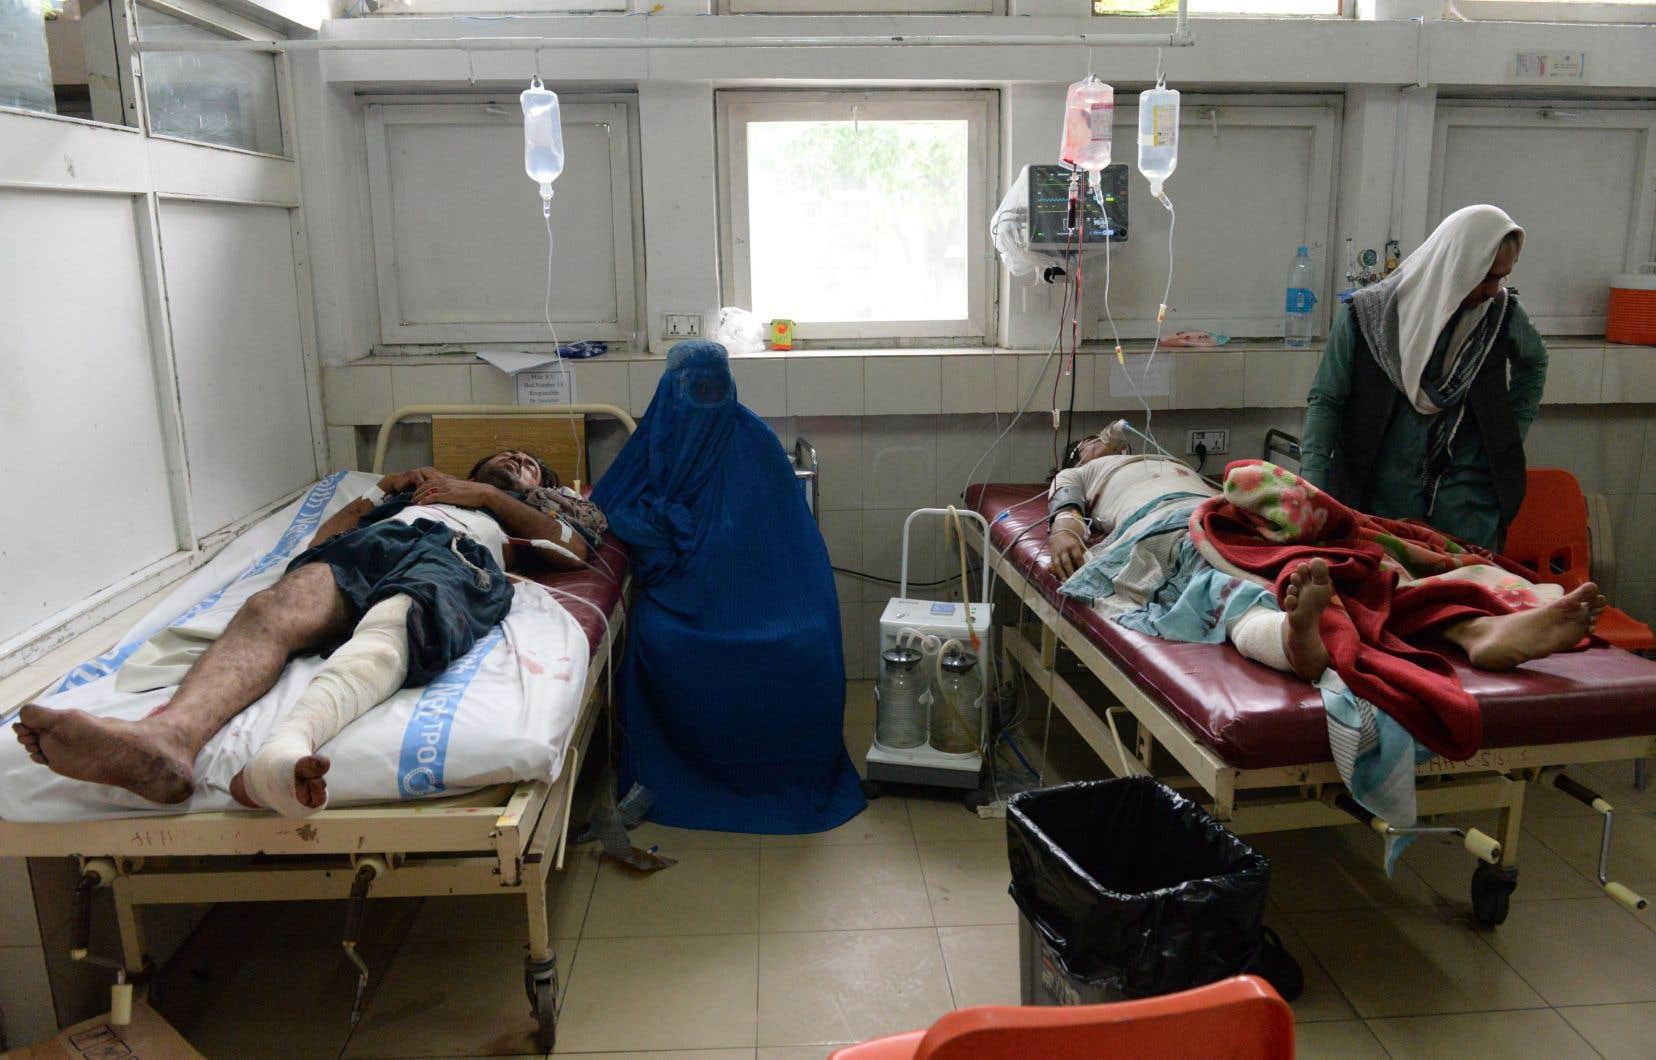 Une quarantaine de personnes ont aussi été blessées dimanche à Jalalabad, dans l'est de l'Afghanistan, au cours de l'attaque.